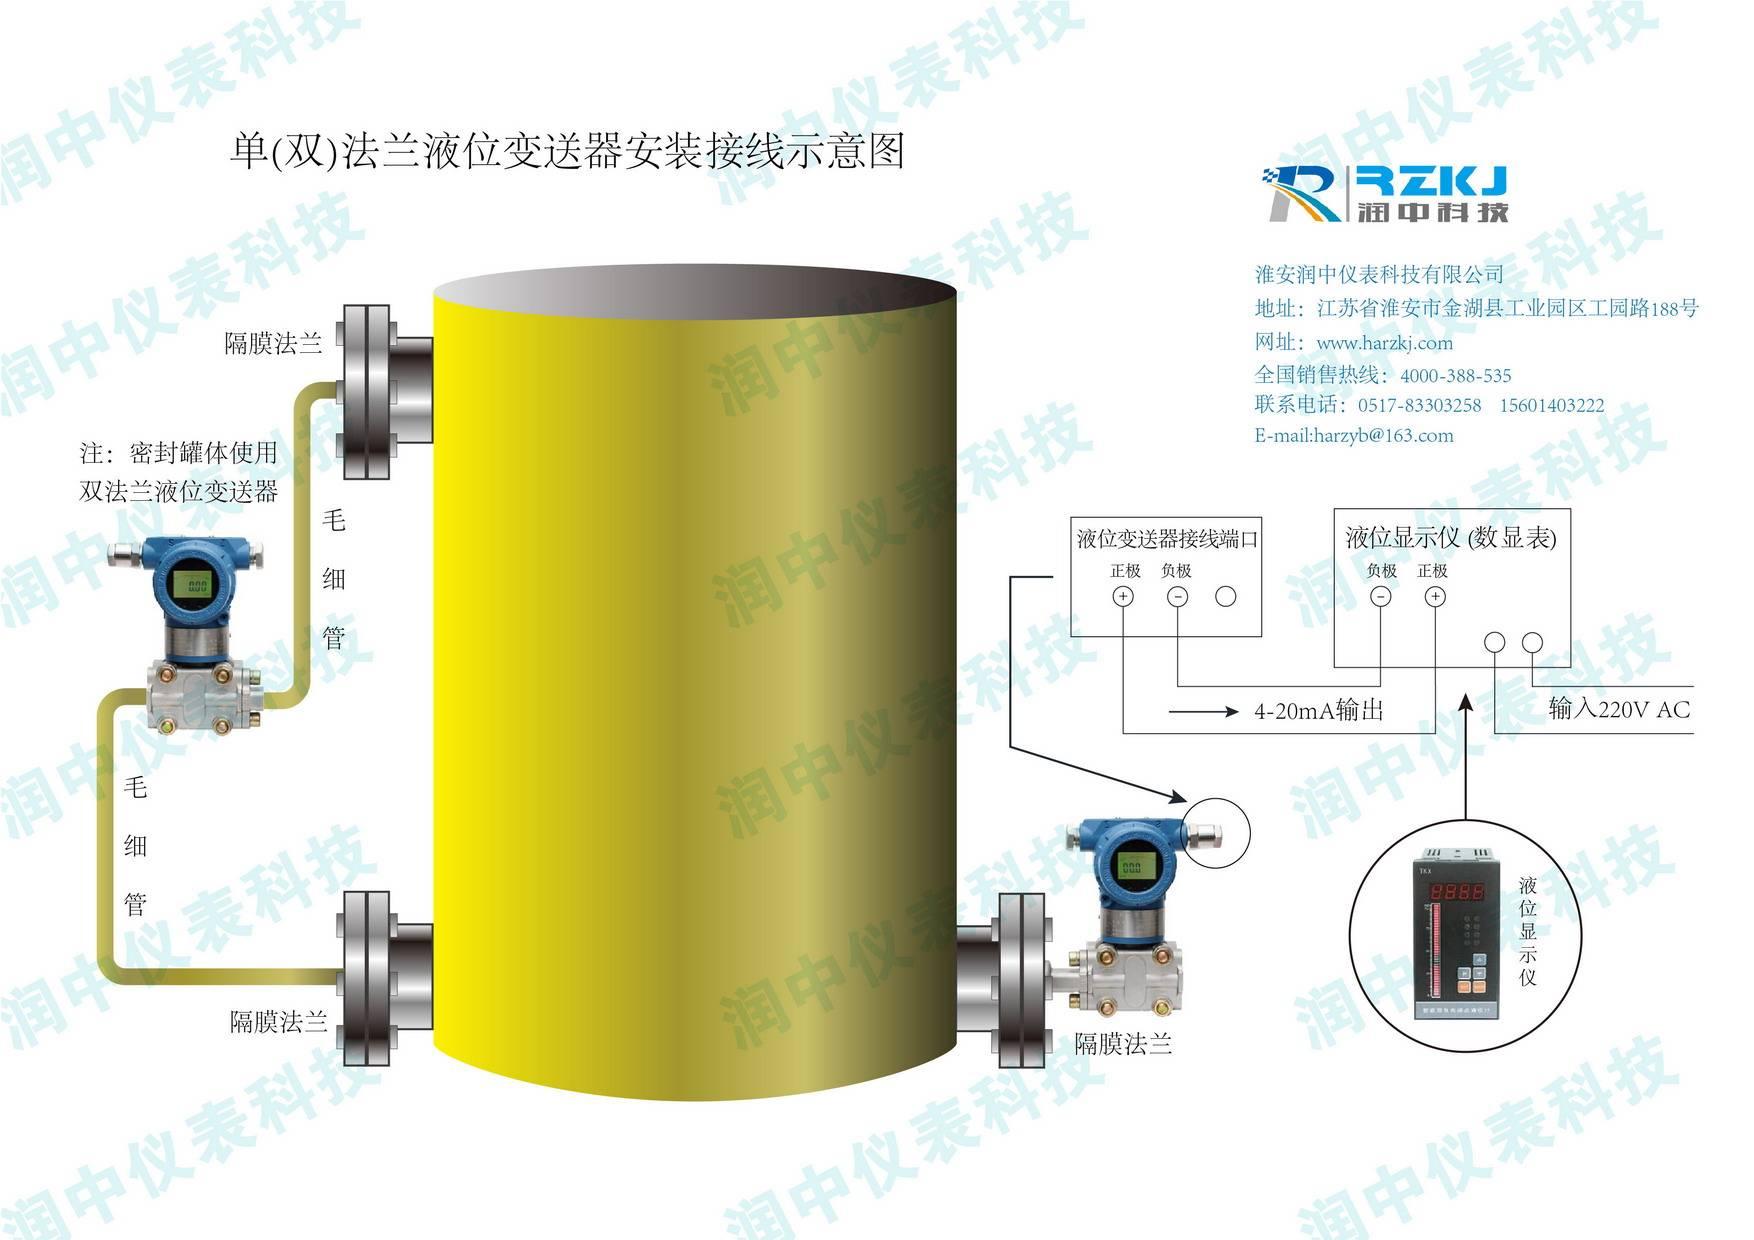 浅析电厂常见的液位计的测量原理及产品优缺点